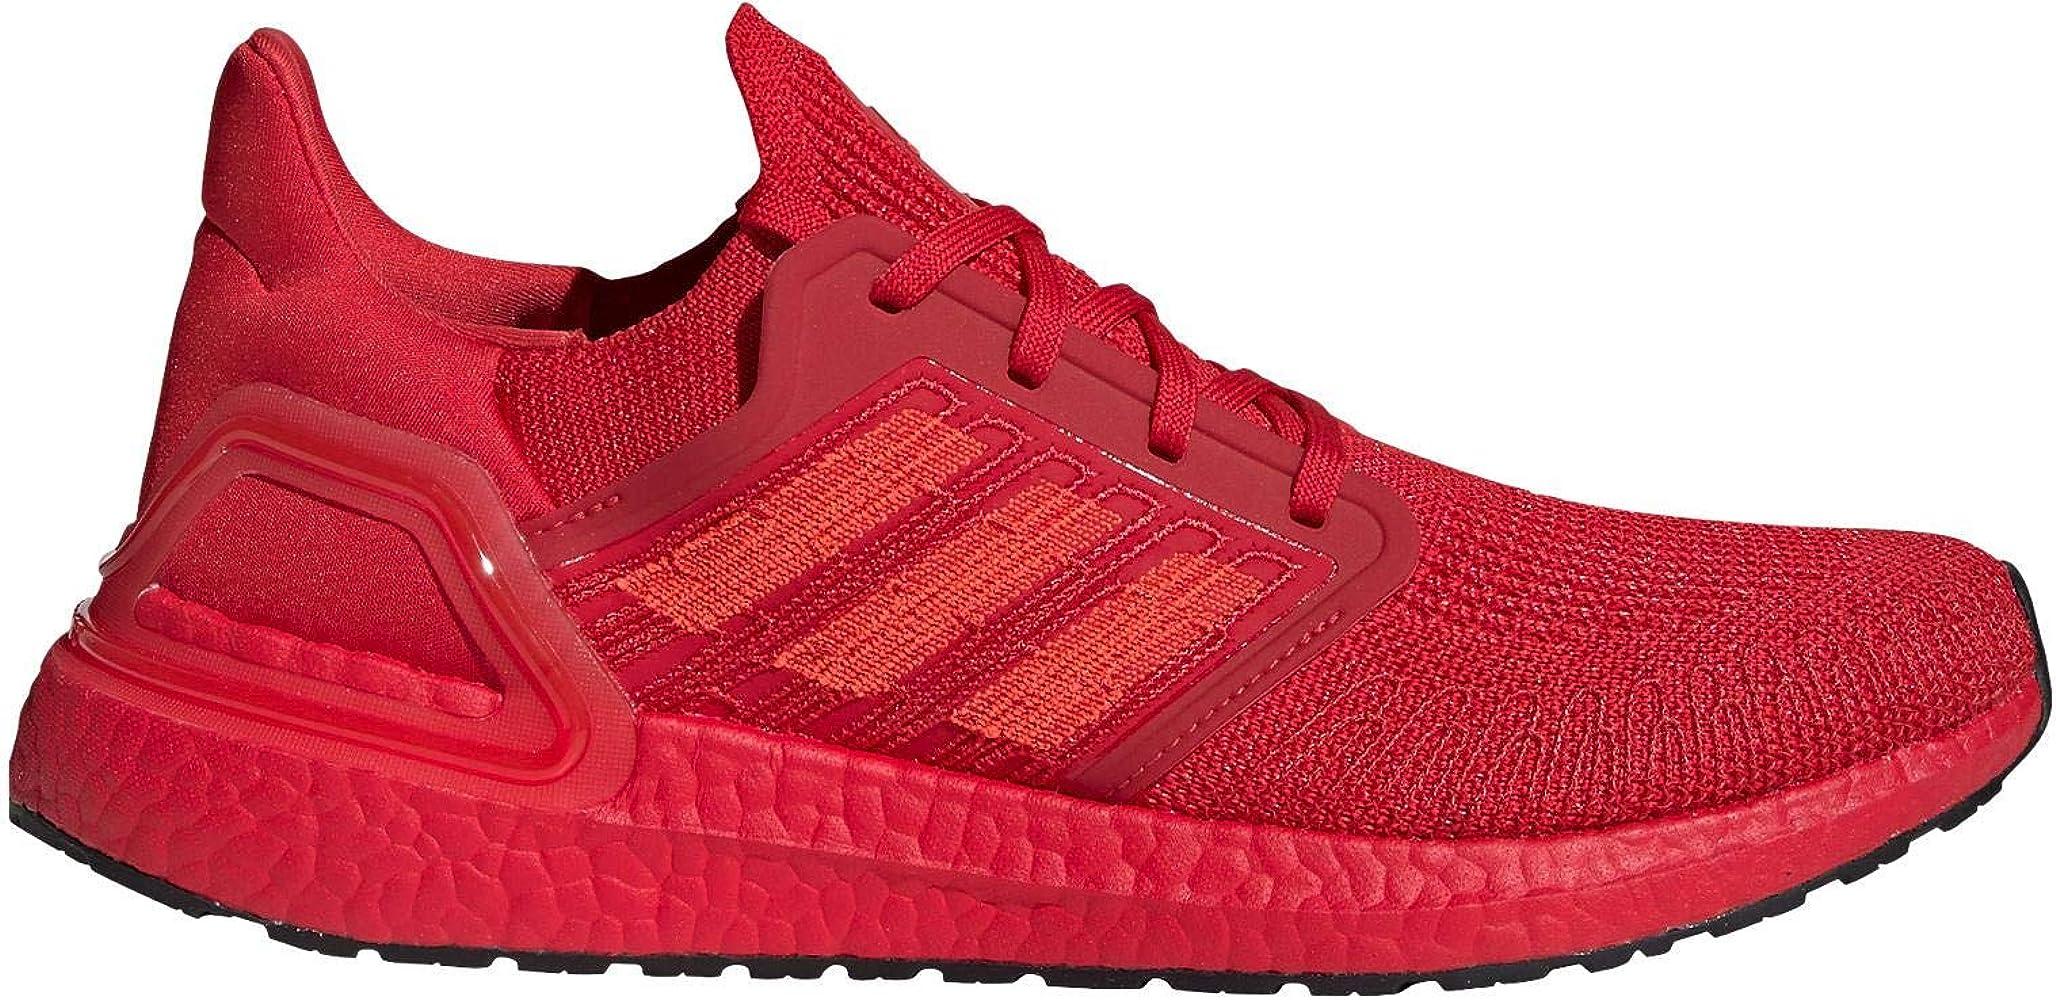 Adidas Ultra Boost 20 Zapatillas para Correr - SS20-40.7: Amazon ...